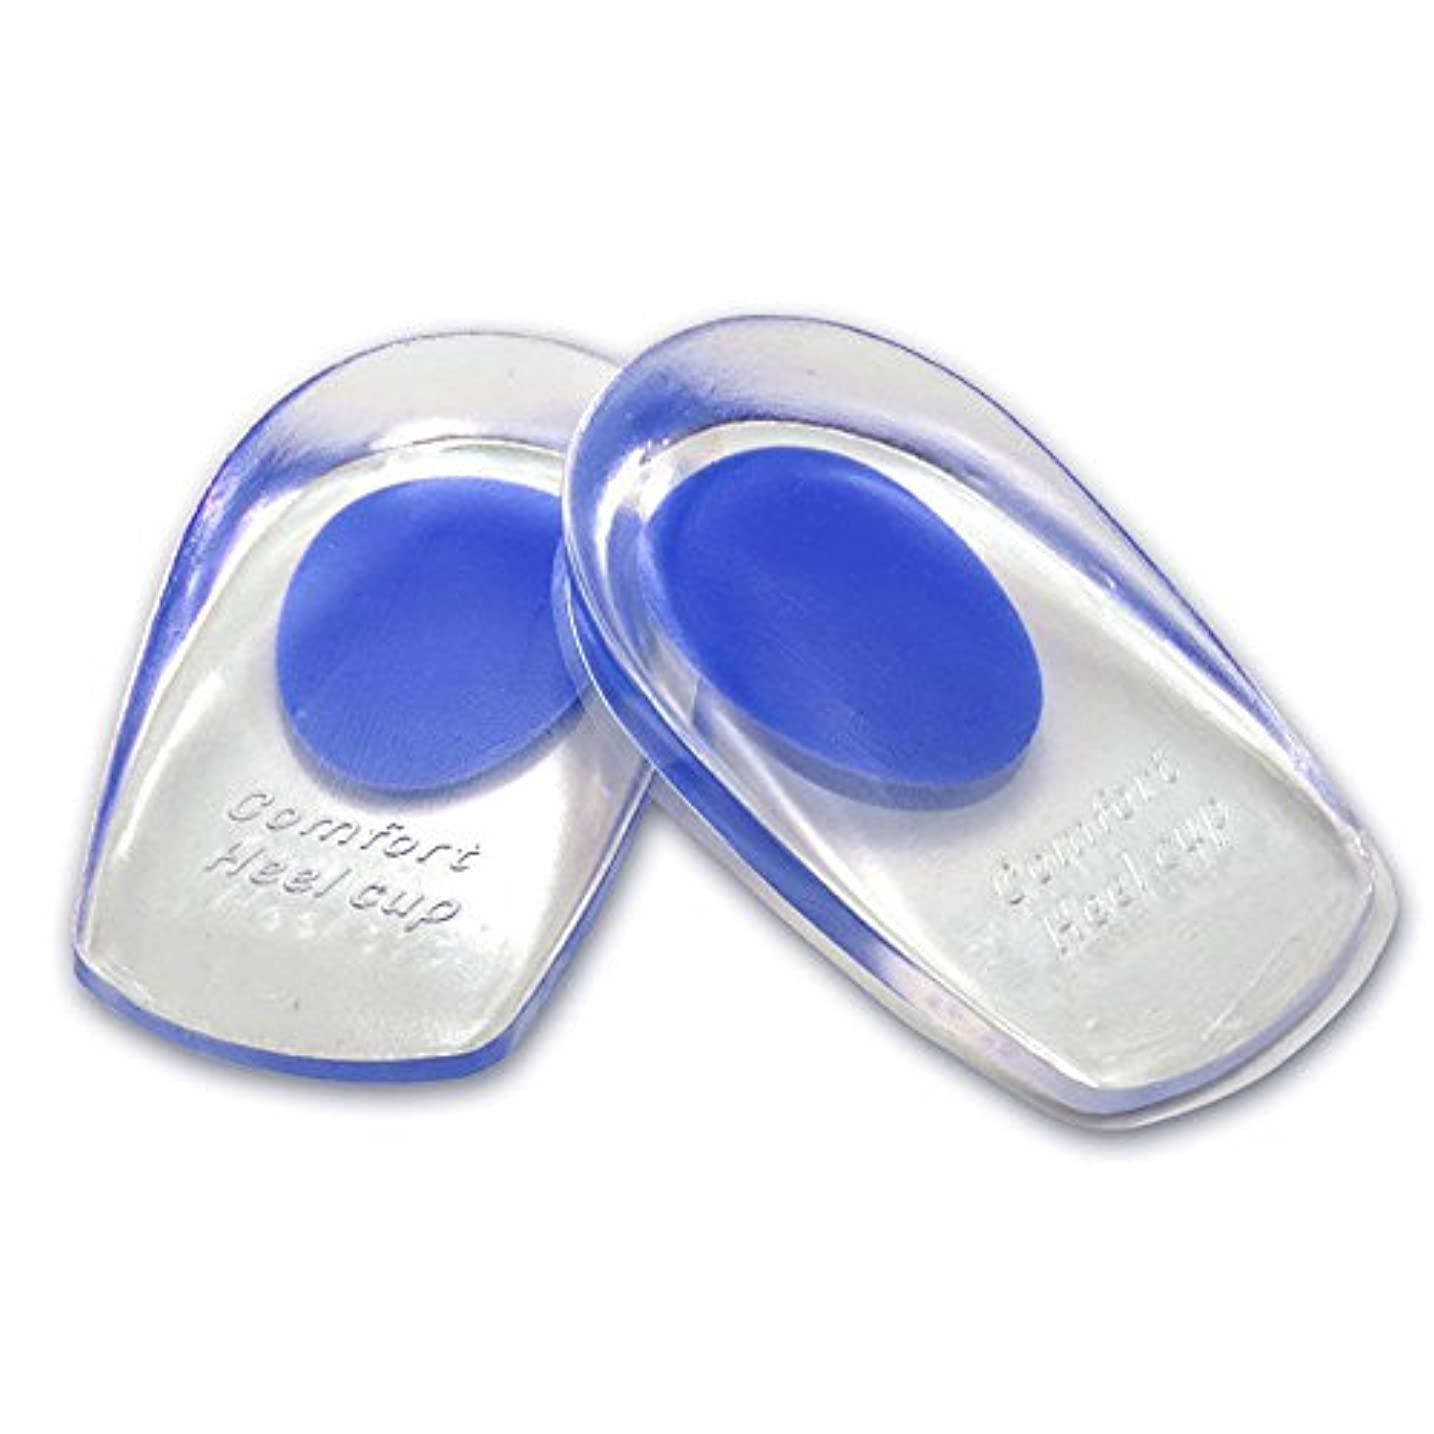 ベスビオ山気球複製シリコンヒールカップ かかとの痛み防止に ソフトシリコン製 インソールクッション 衝撃緩和 立体形状 フィット感抜群 FMTMXCA2S (ブルー(靴サイズ24.5~27.5cm用))